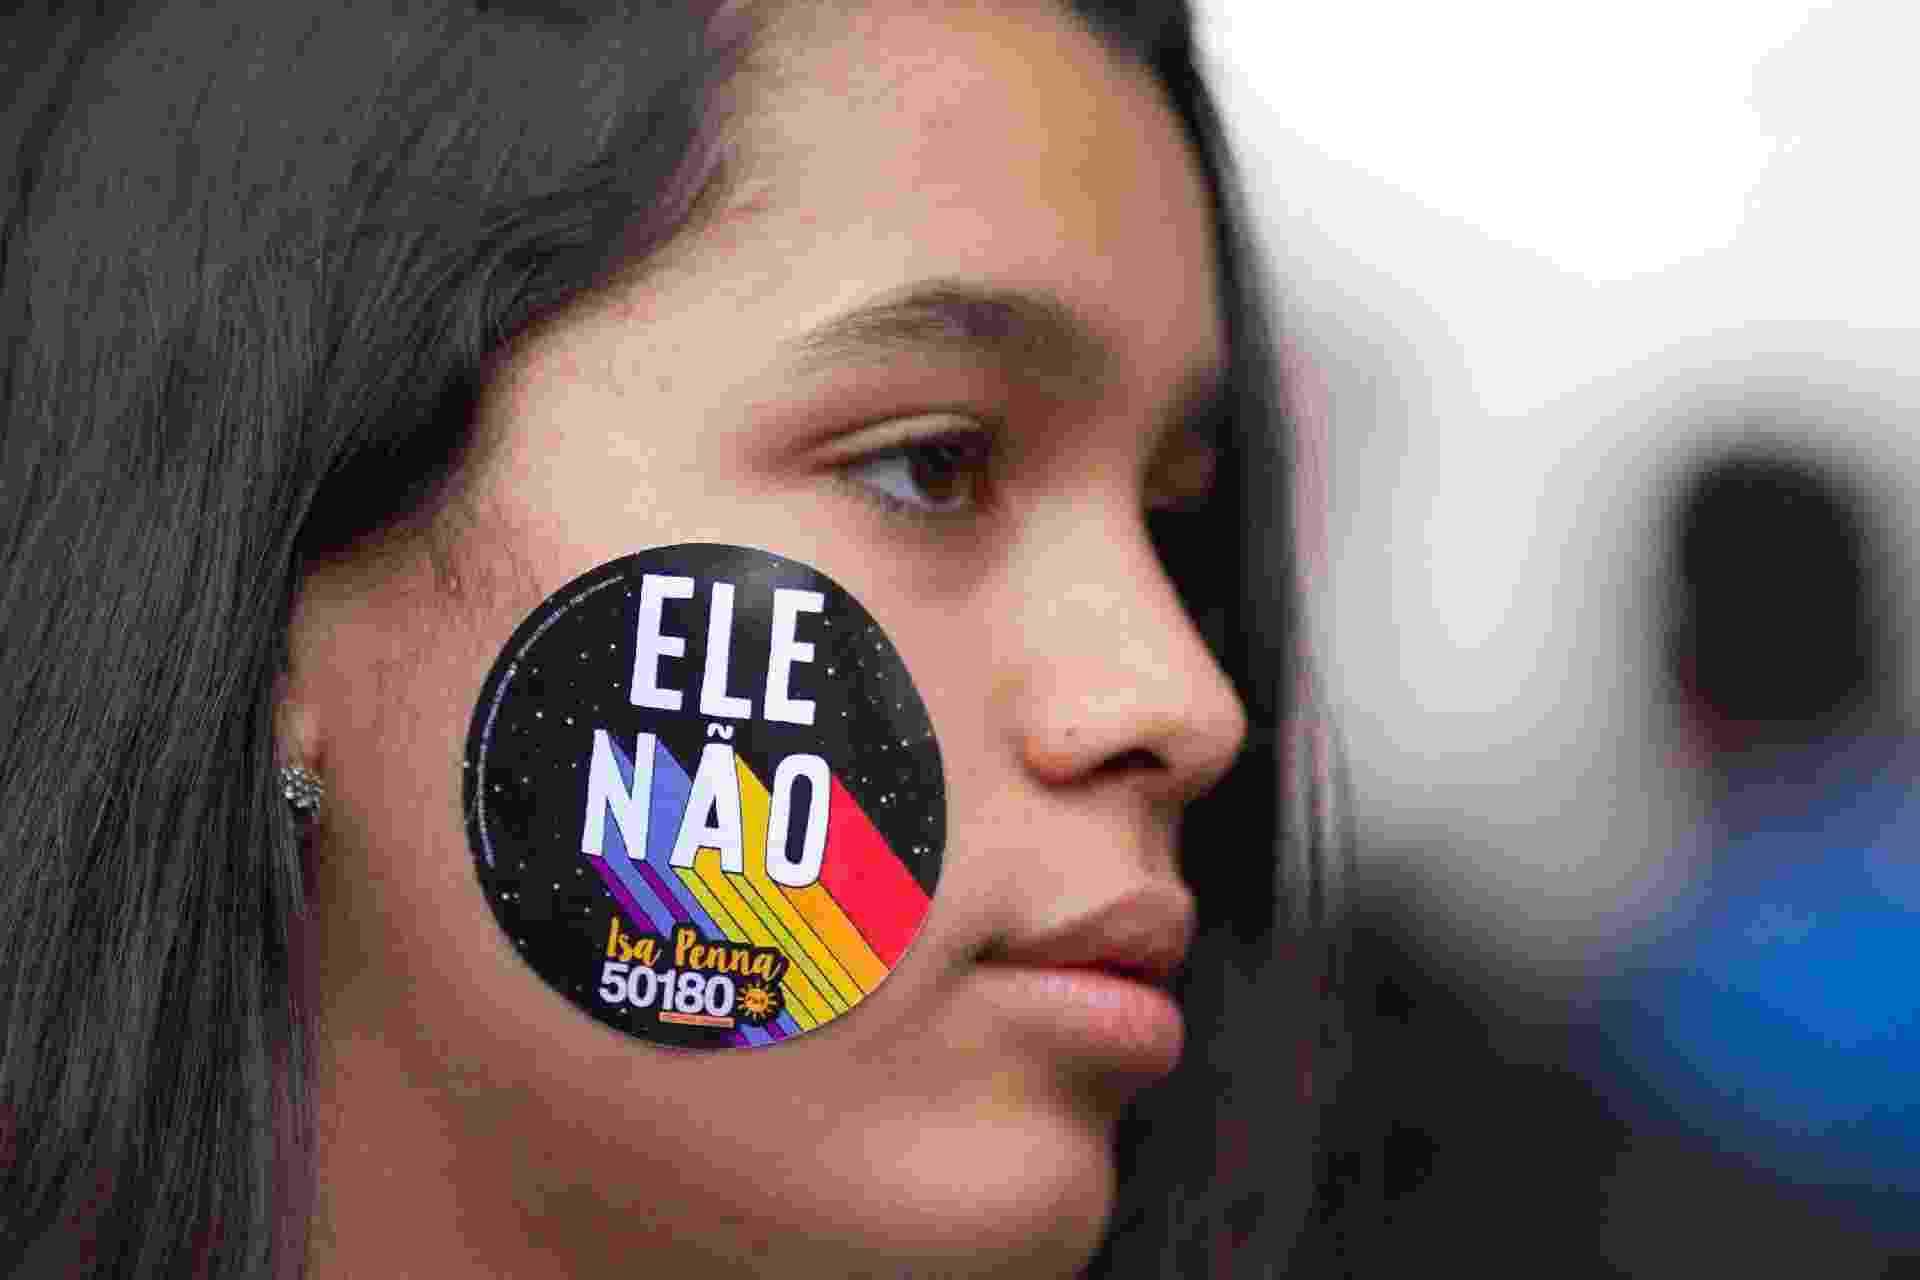 2º Ato Mulher contra o Fascismos - 06 de Outubro - KEVIN DAVID/A7 PRESS/ESTADÃO CONTEÚDO